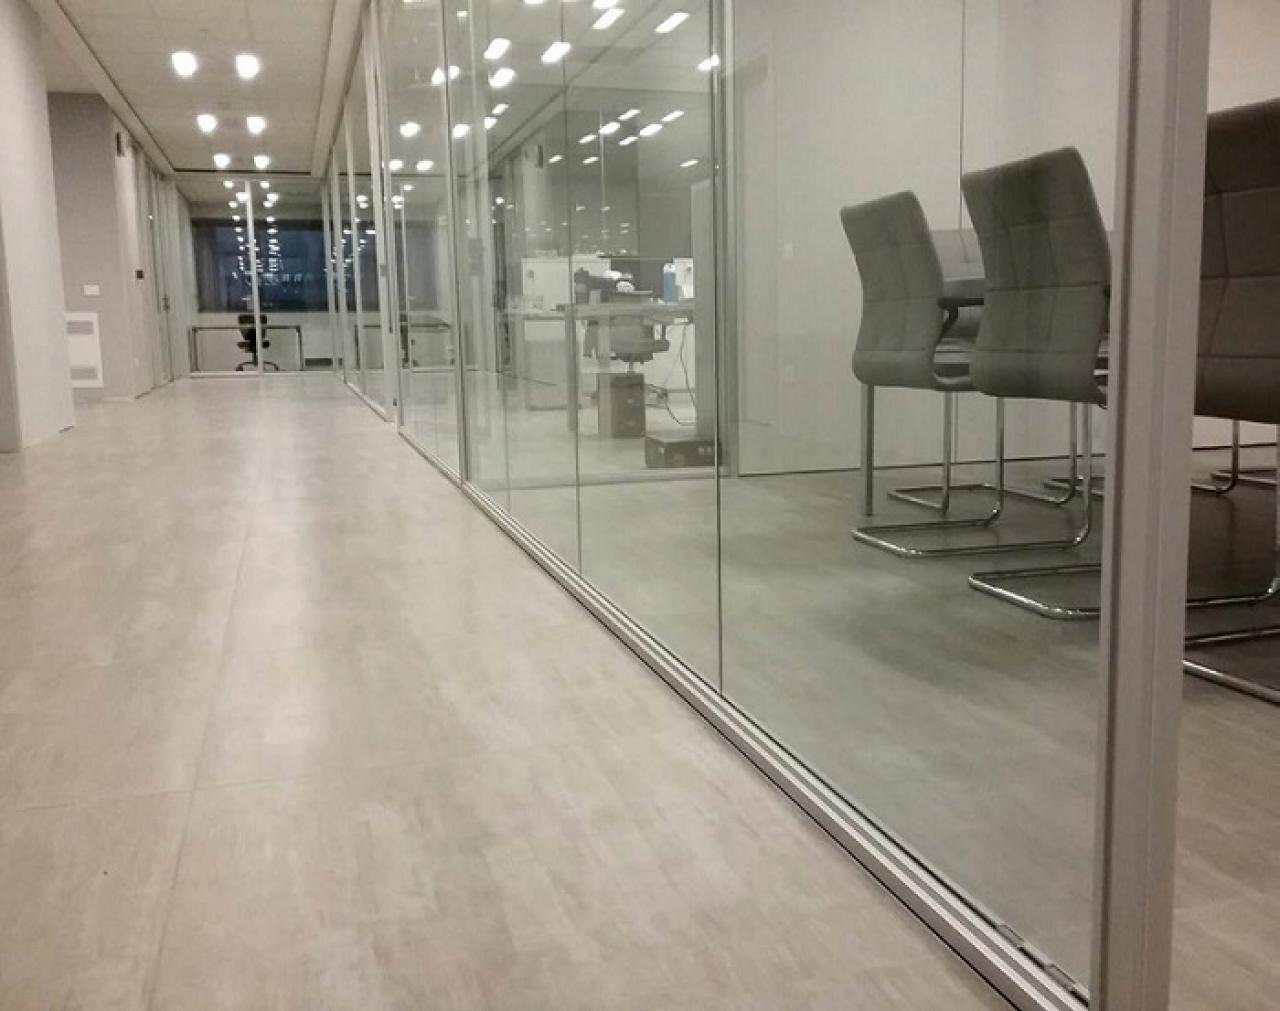 Pavimenti per uffici moderni e resistenti fratelli for Uffici moderni